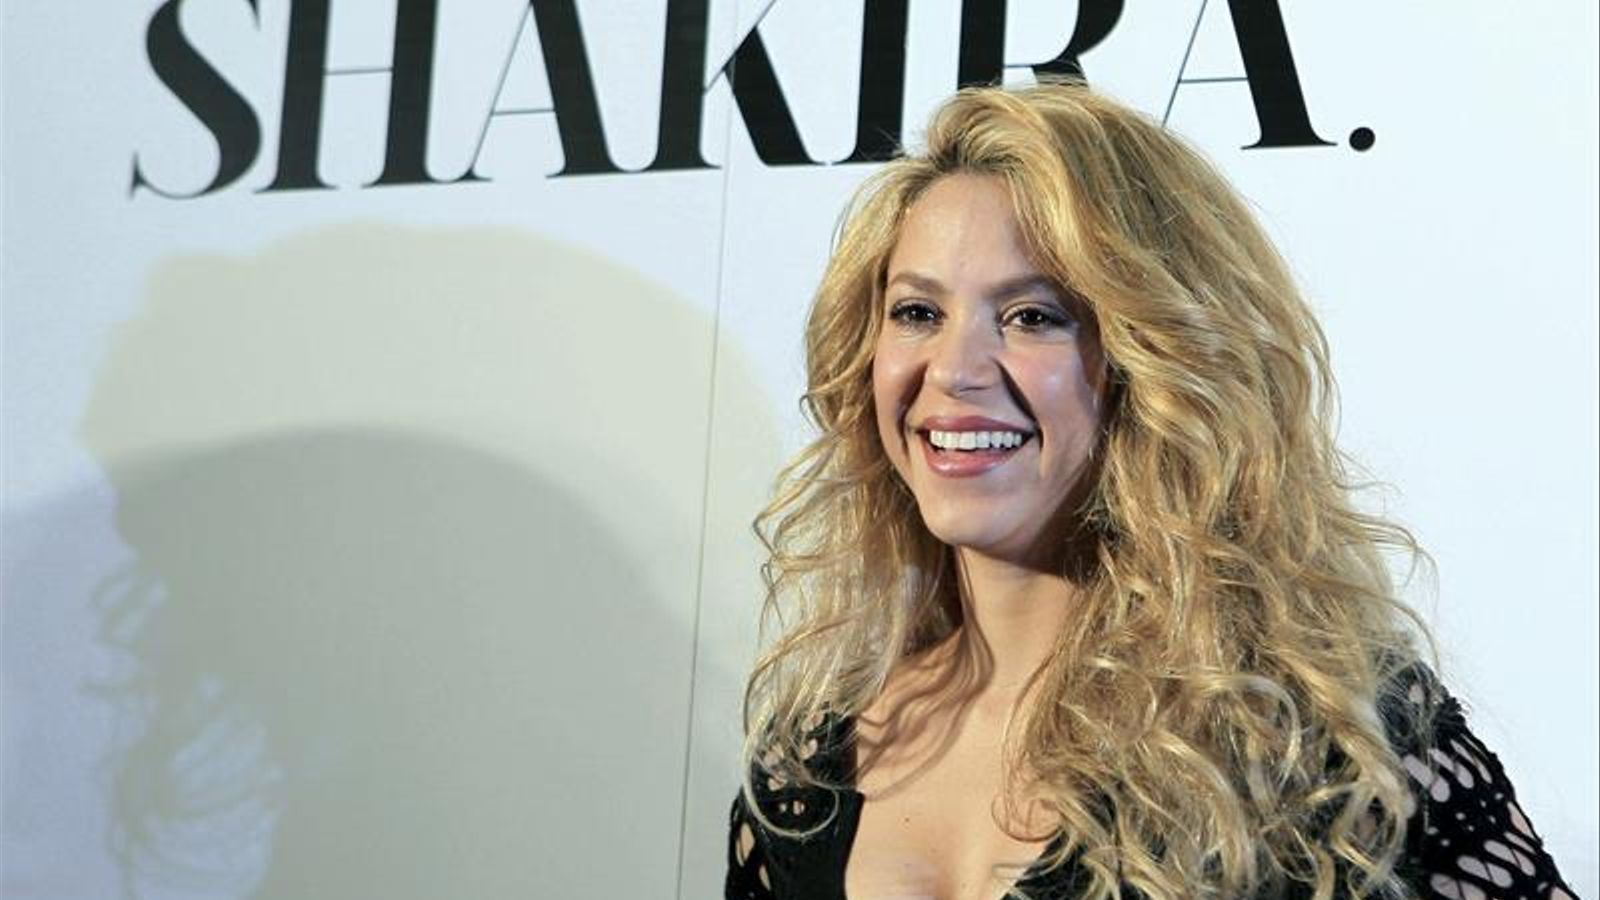 El 'Boig per tu', de Shakira